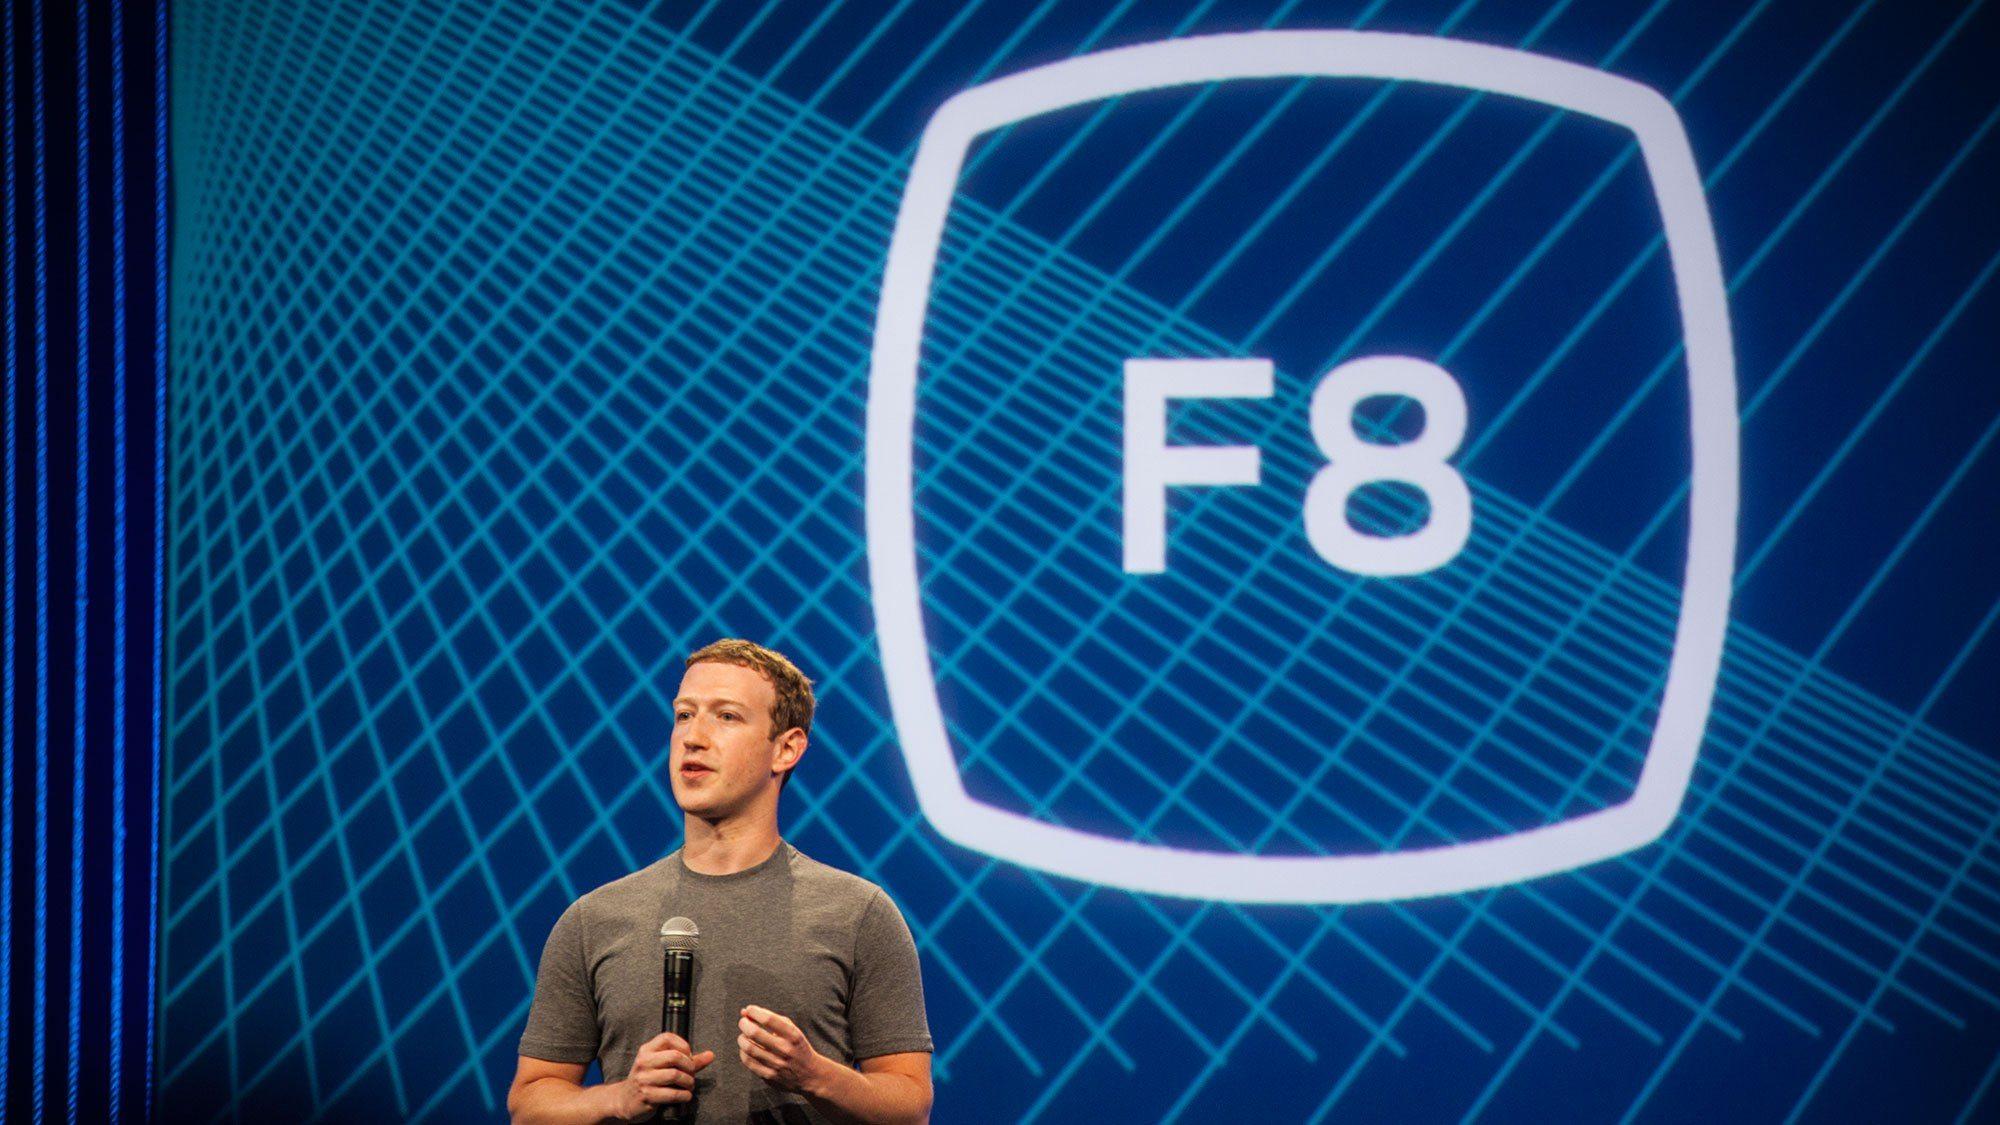 Huggy participa da maior conferência do Facebook